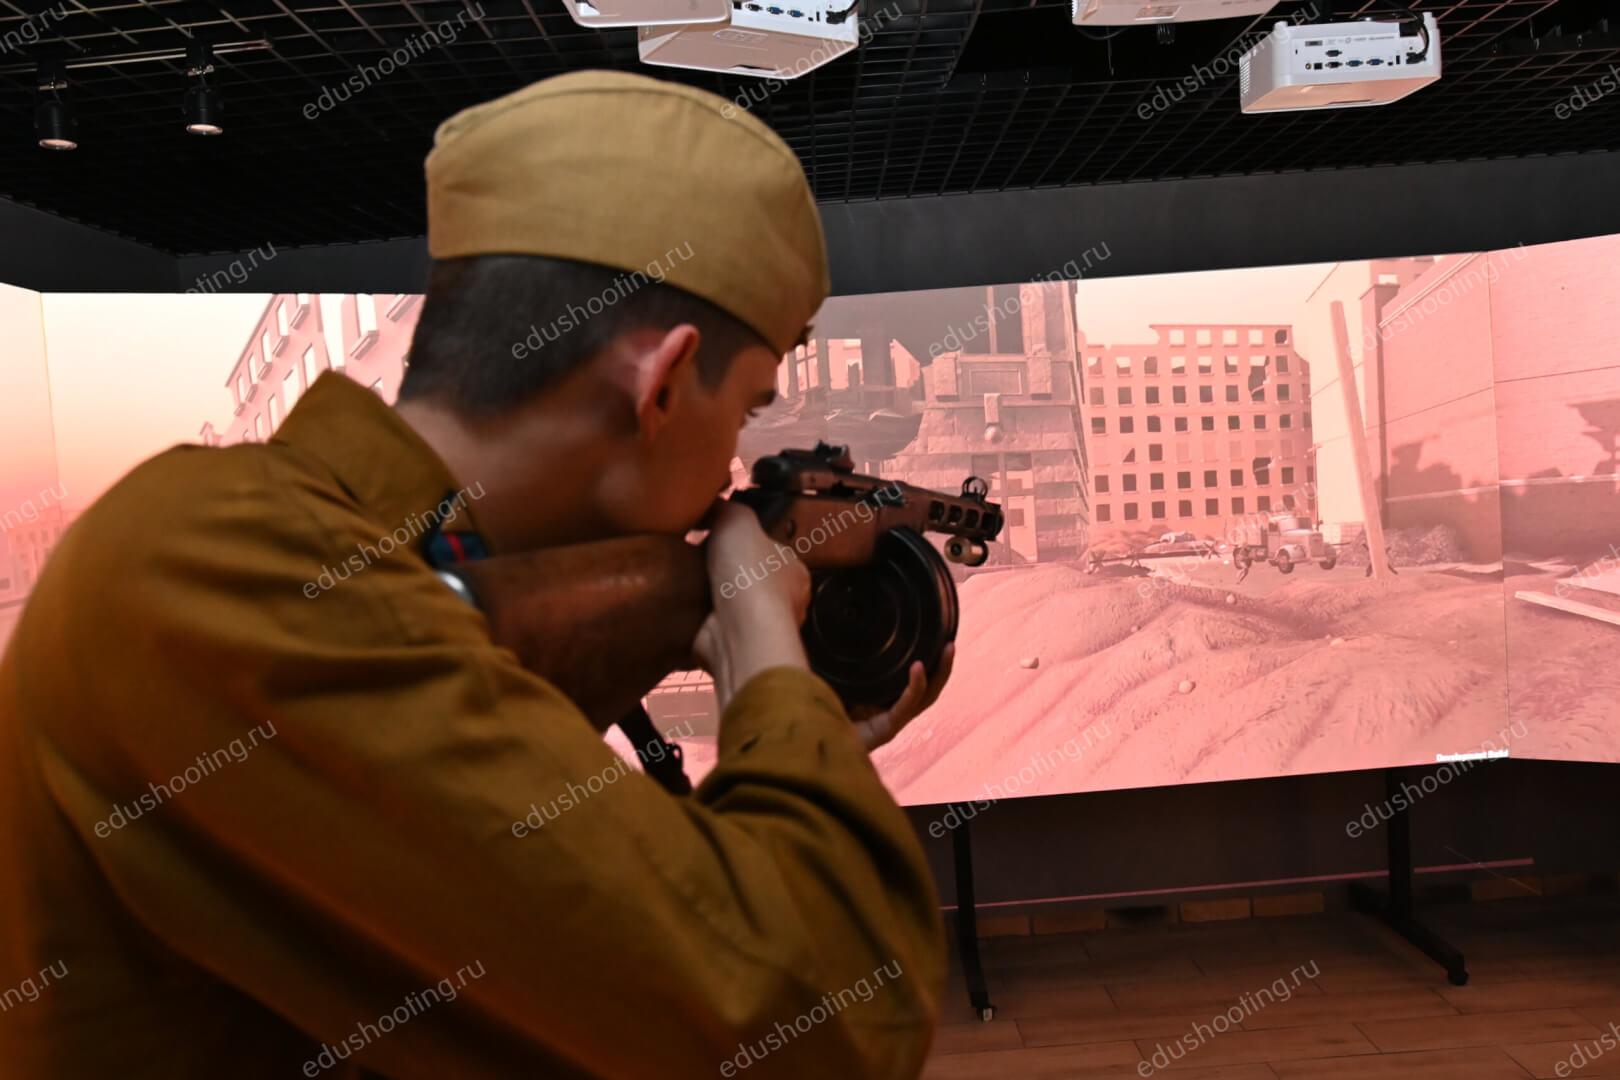 Стрельба учащегося в панорамном тире